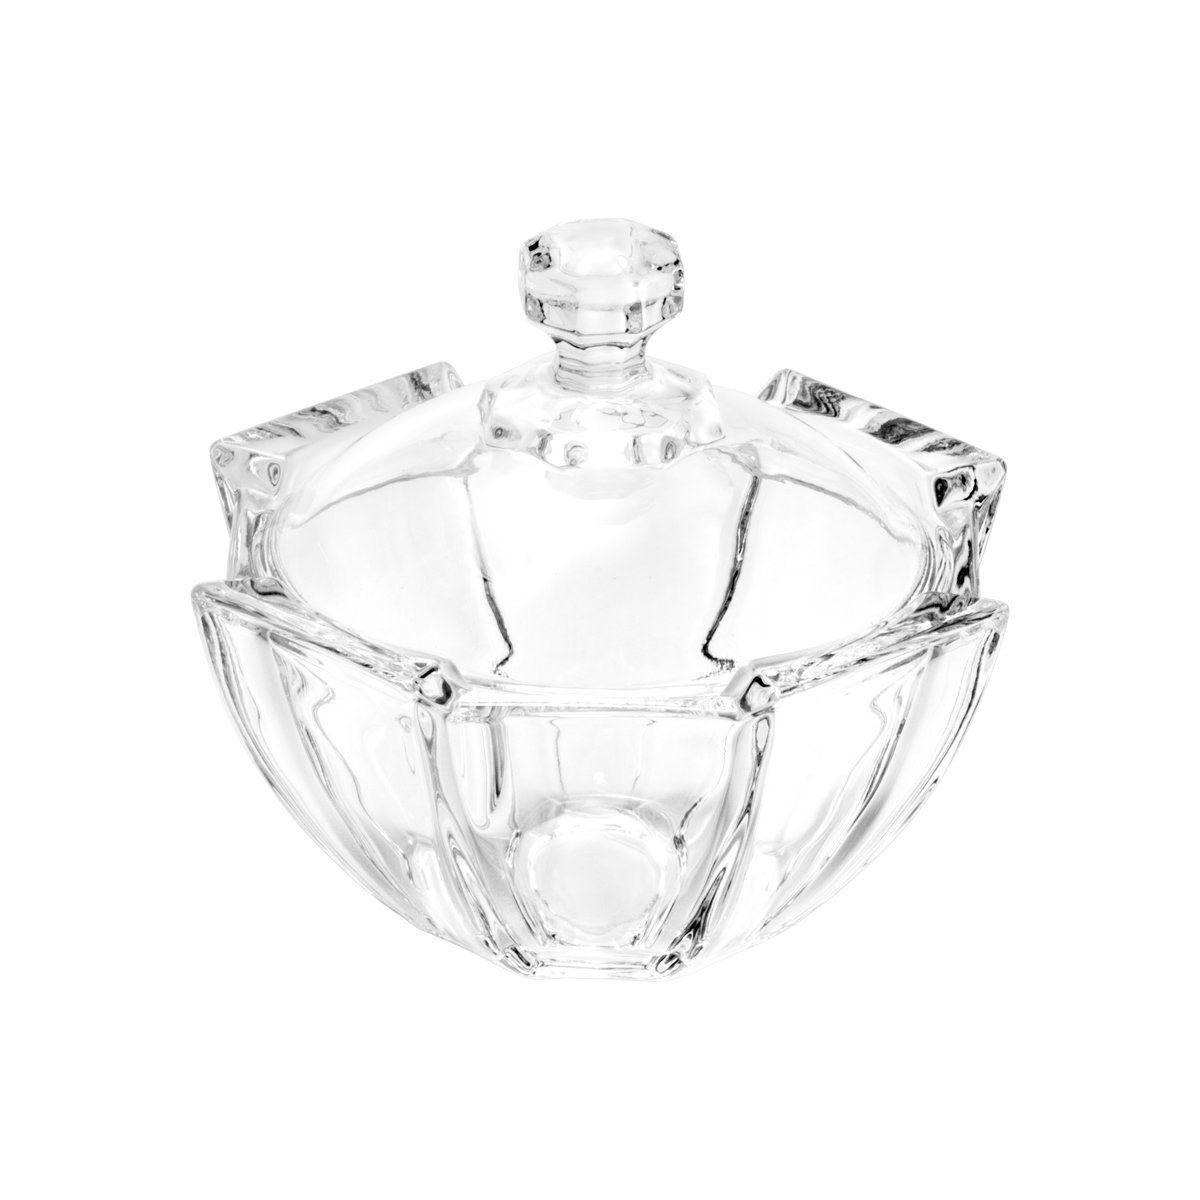 Bomboniere 10,5 cm de cristal transparente com tampa Stage Wolff - 25535